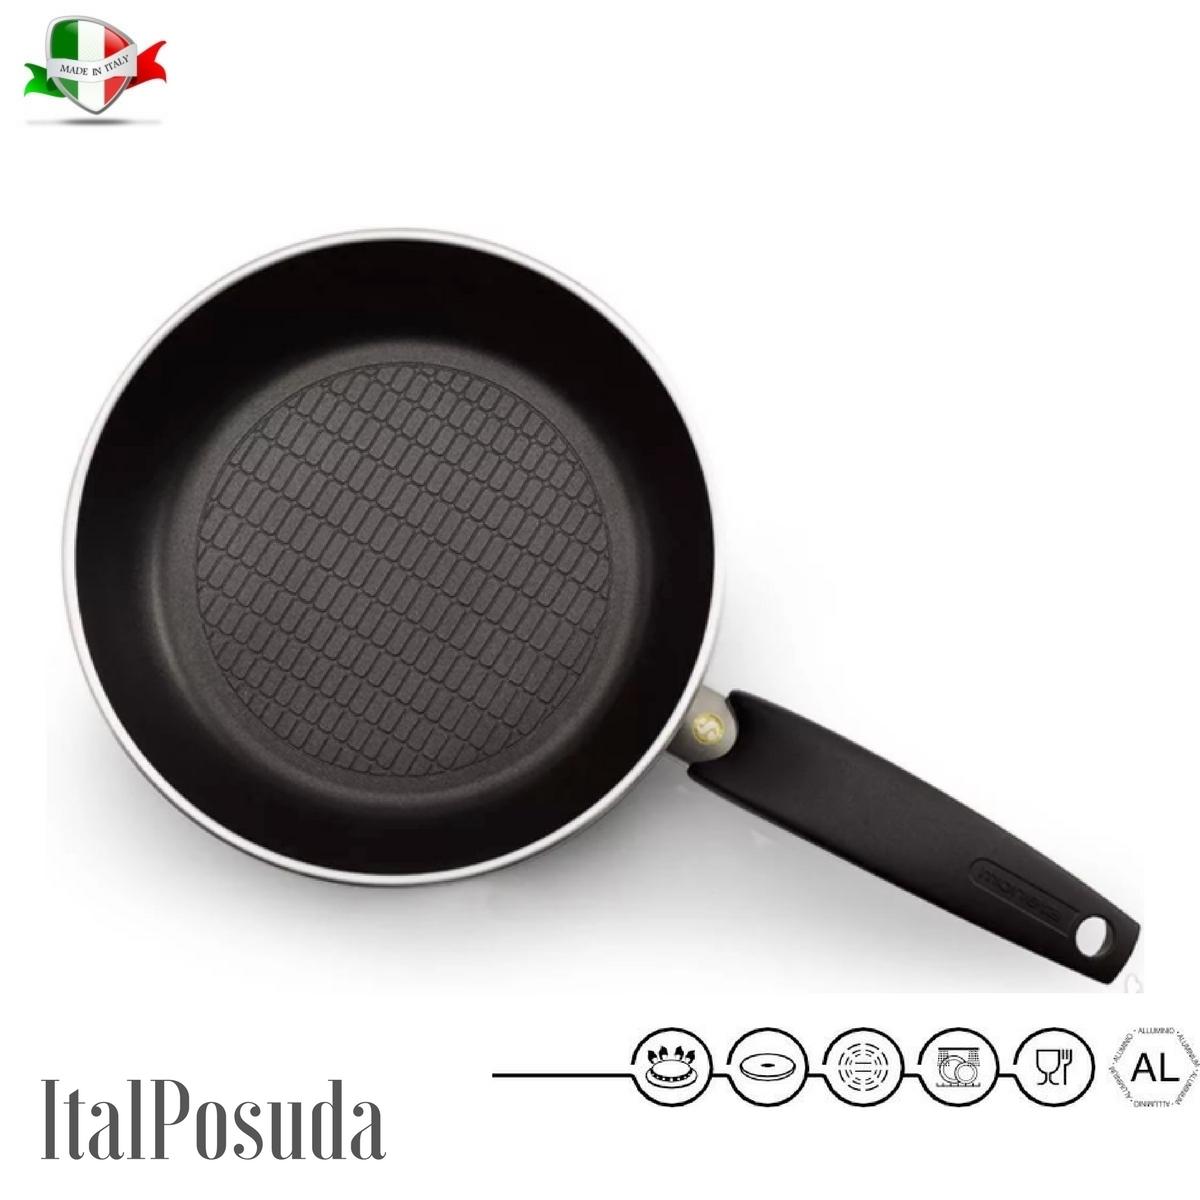 Сковорода MONETA Salvaenergia PLUS, 26 см